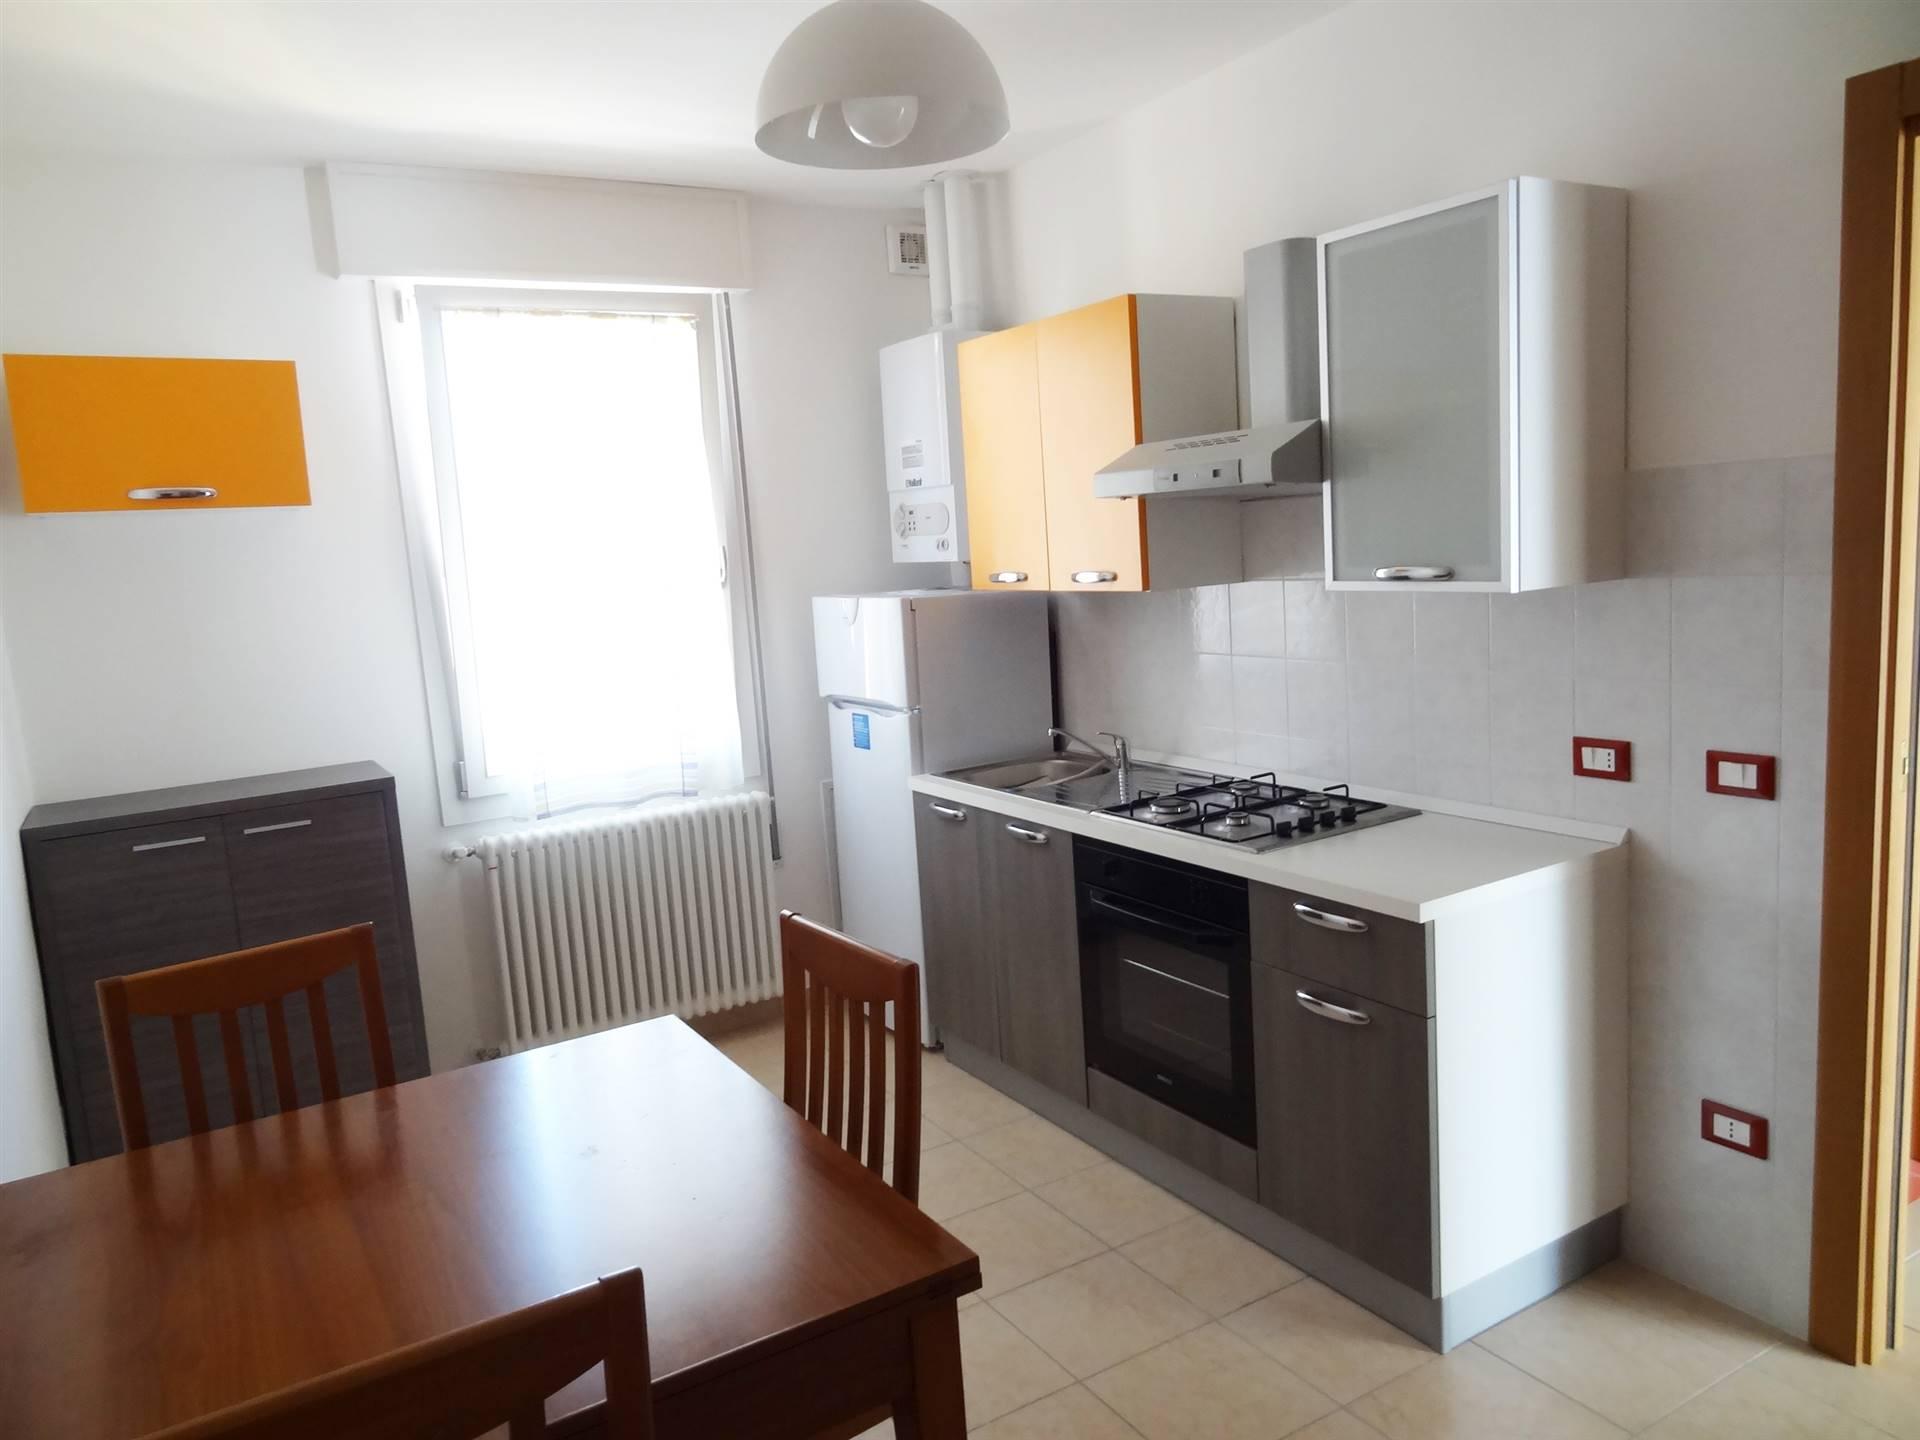 Viale San Marco, proponiamo un mini appartamento al terzo e ultimo piano composto da ingresso, soggiorno angolo cottura, camera matrimoniale e bagno.